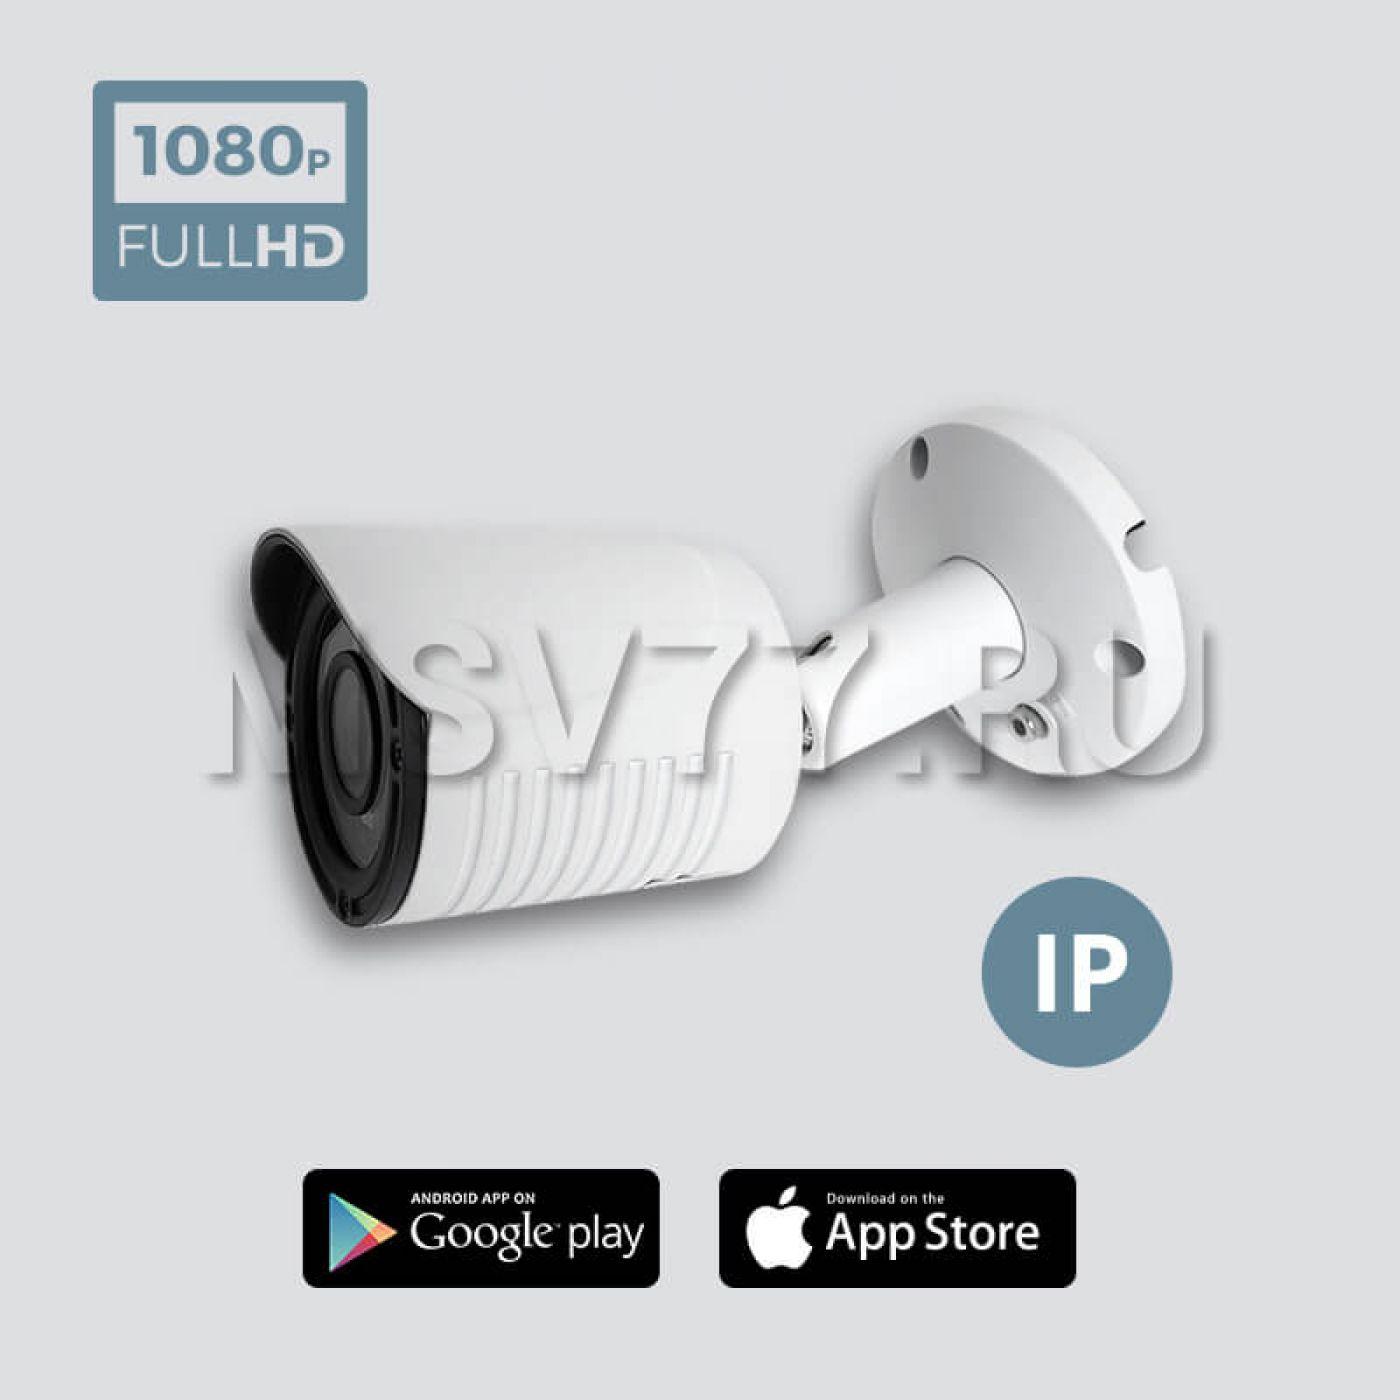 Готовый IP комплект видеонаблюдения на 2 камеры для улицы Full HD 1080P